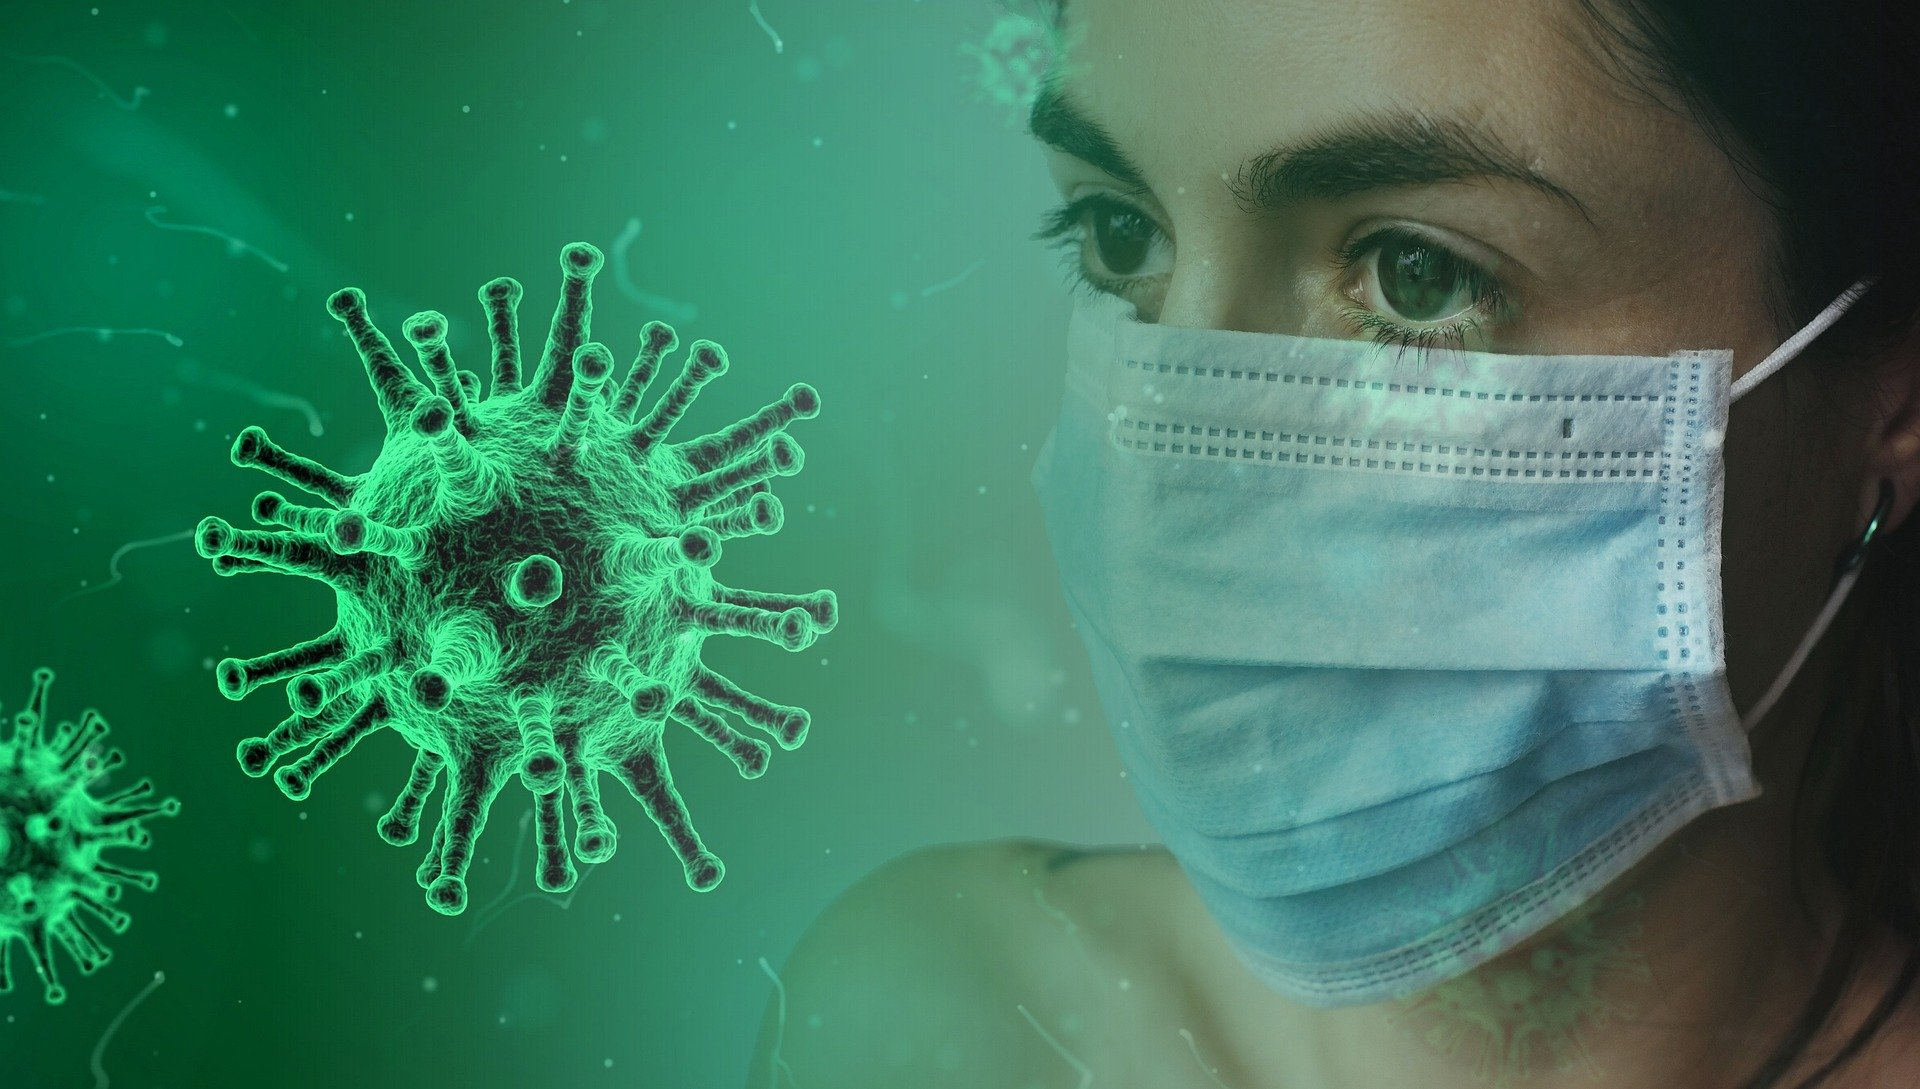 Oli essenziali antivirali e influenza, interessante video sul tema COVID19